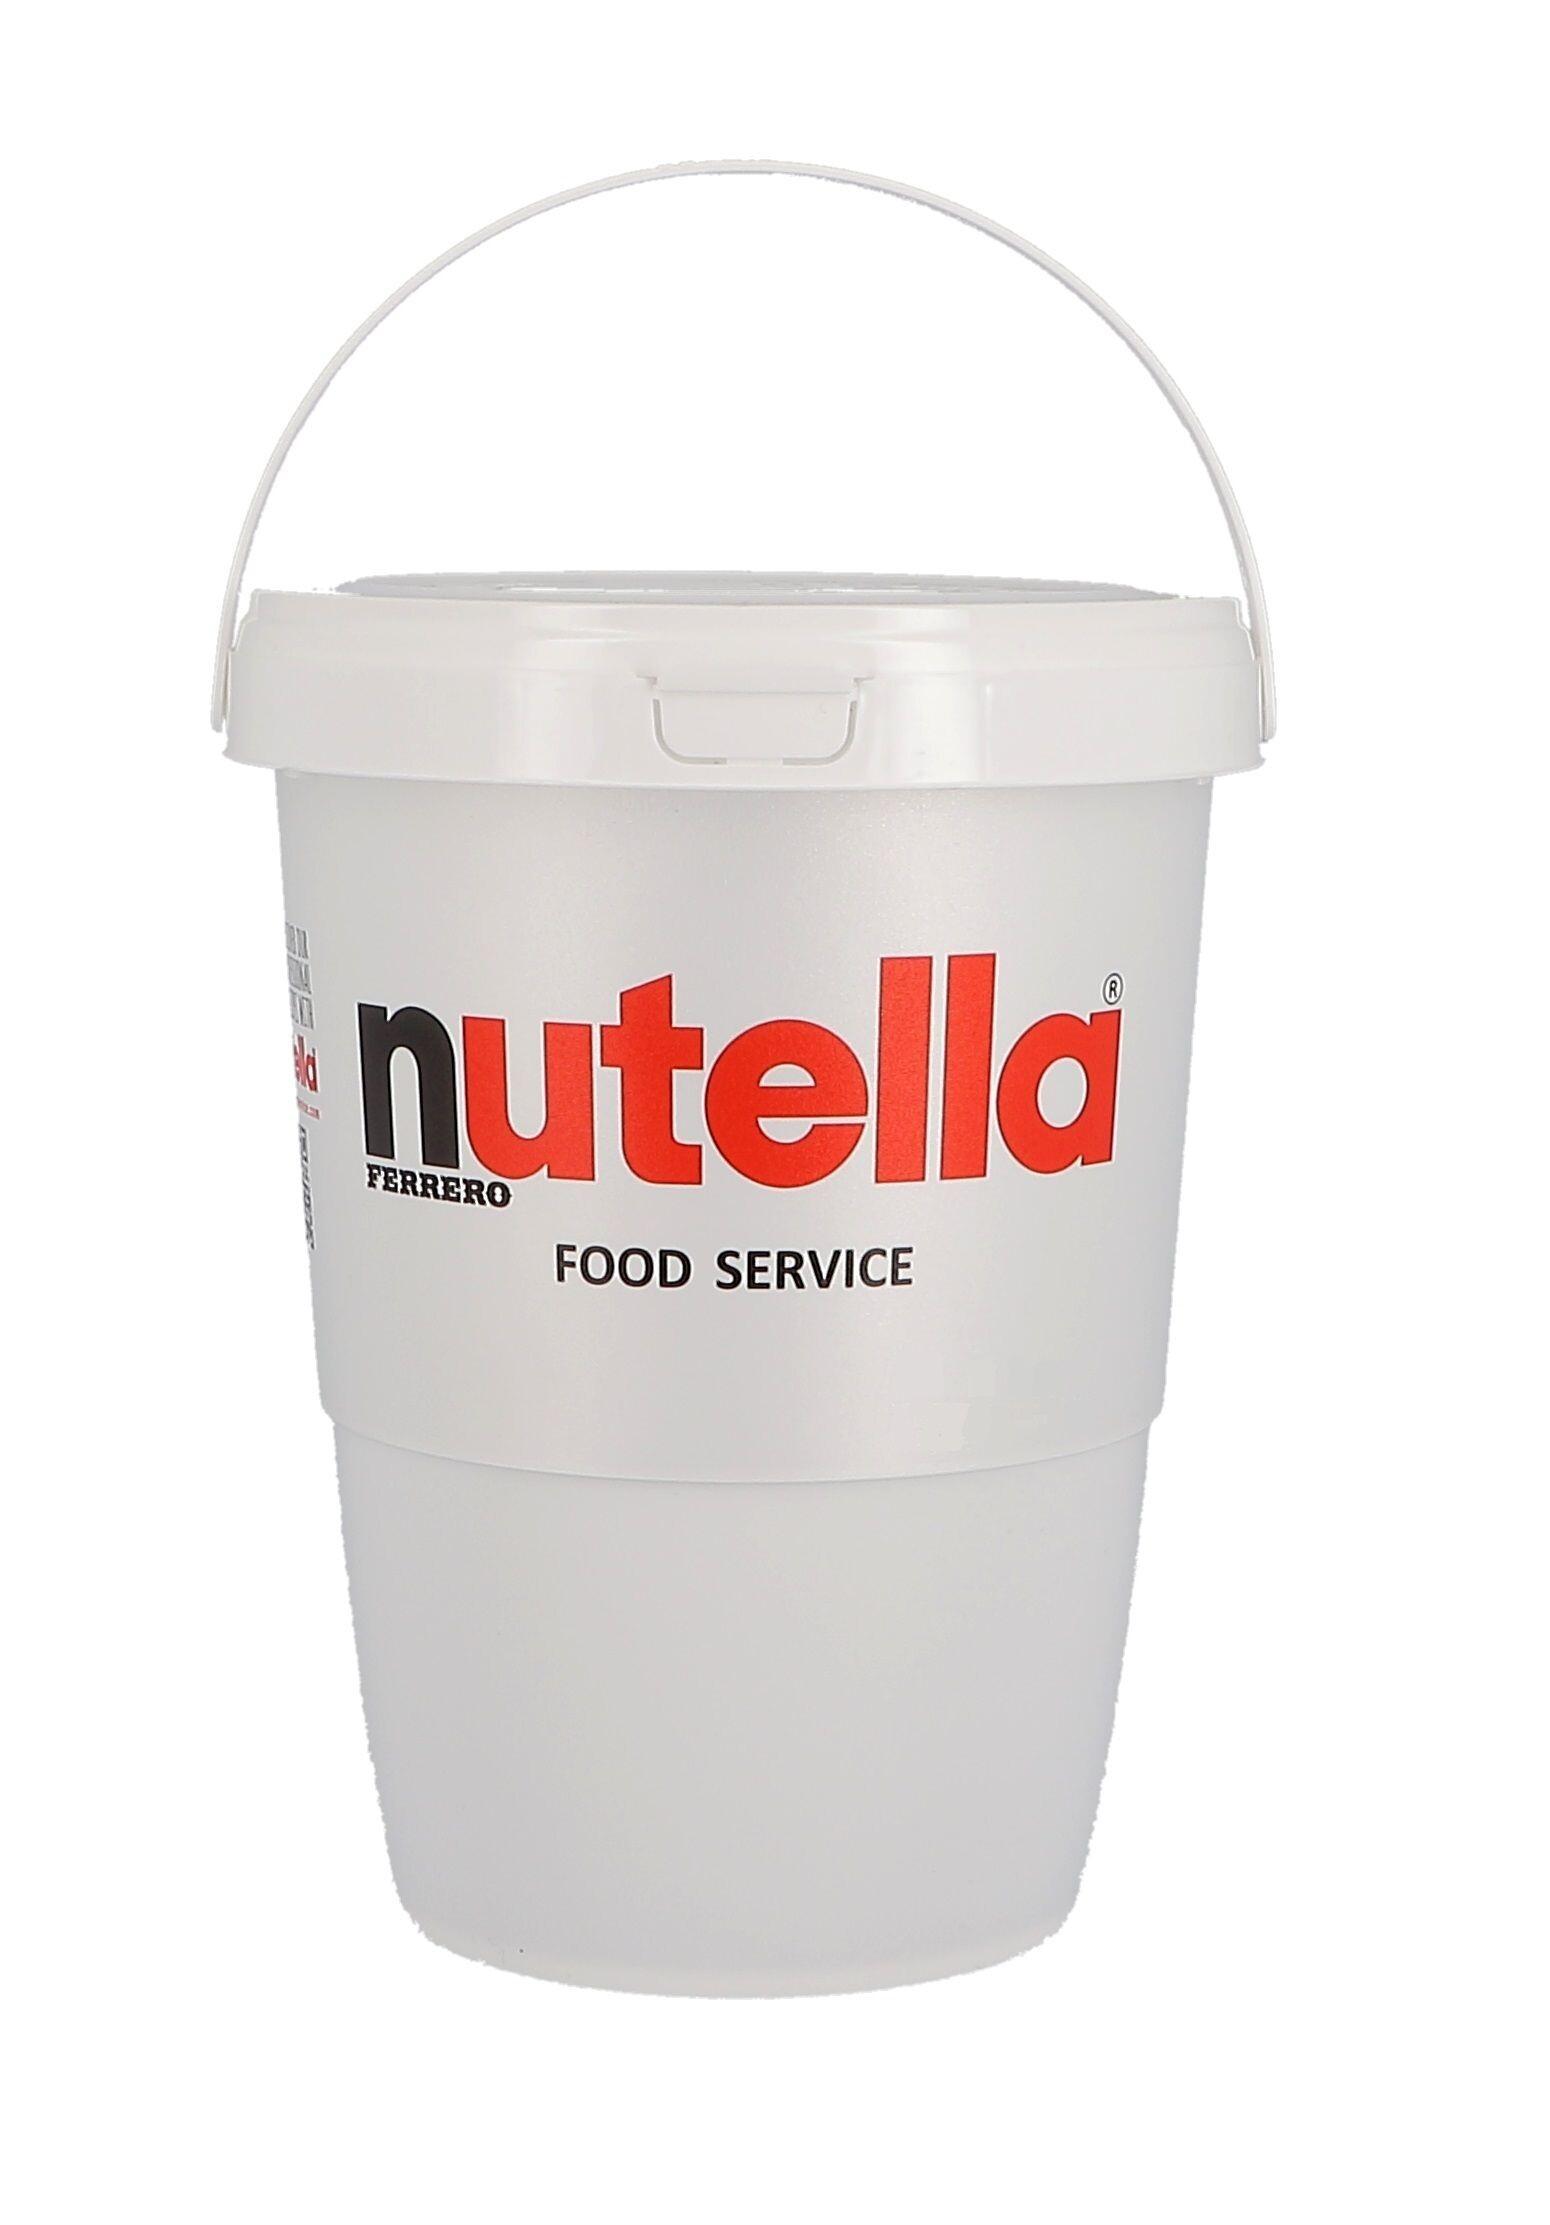 Nutella Hazelnut Spread 1.35kg Ferrero